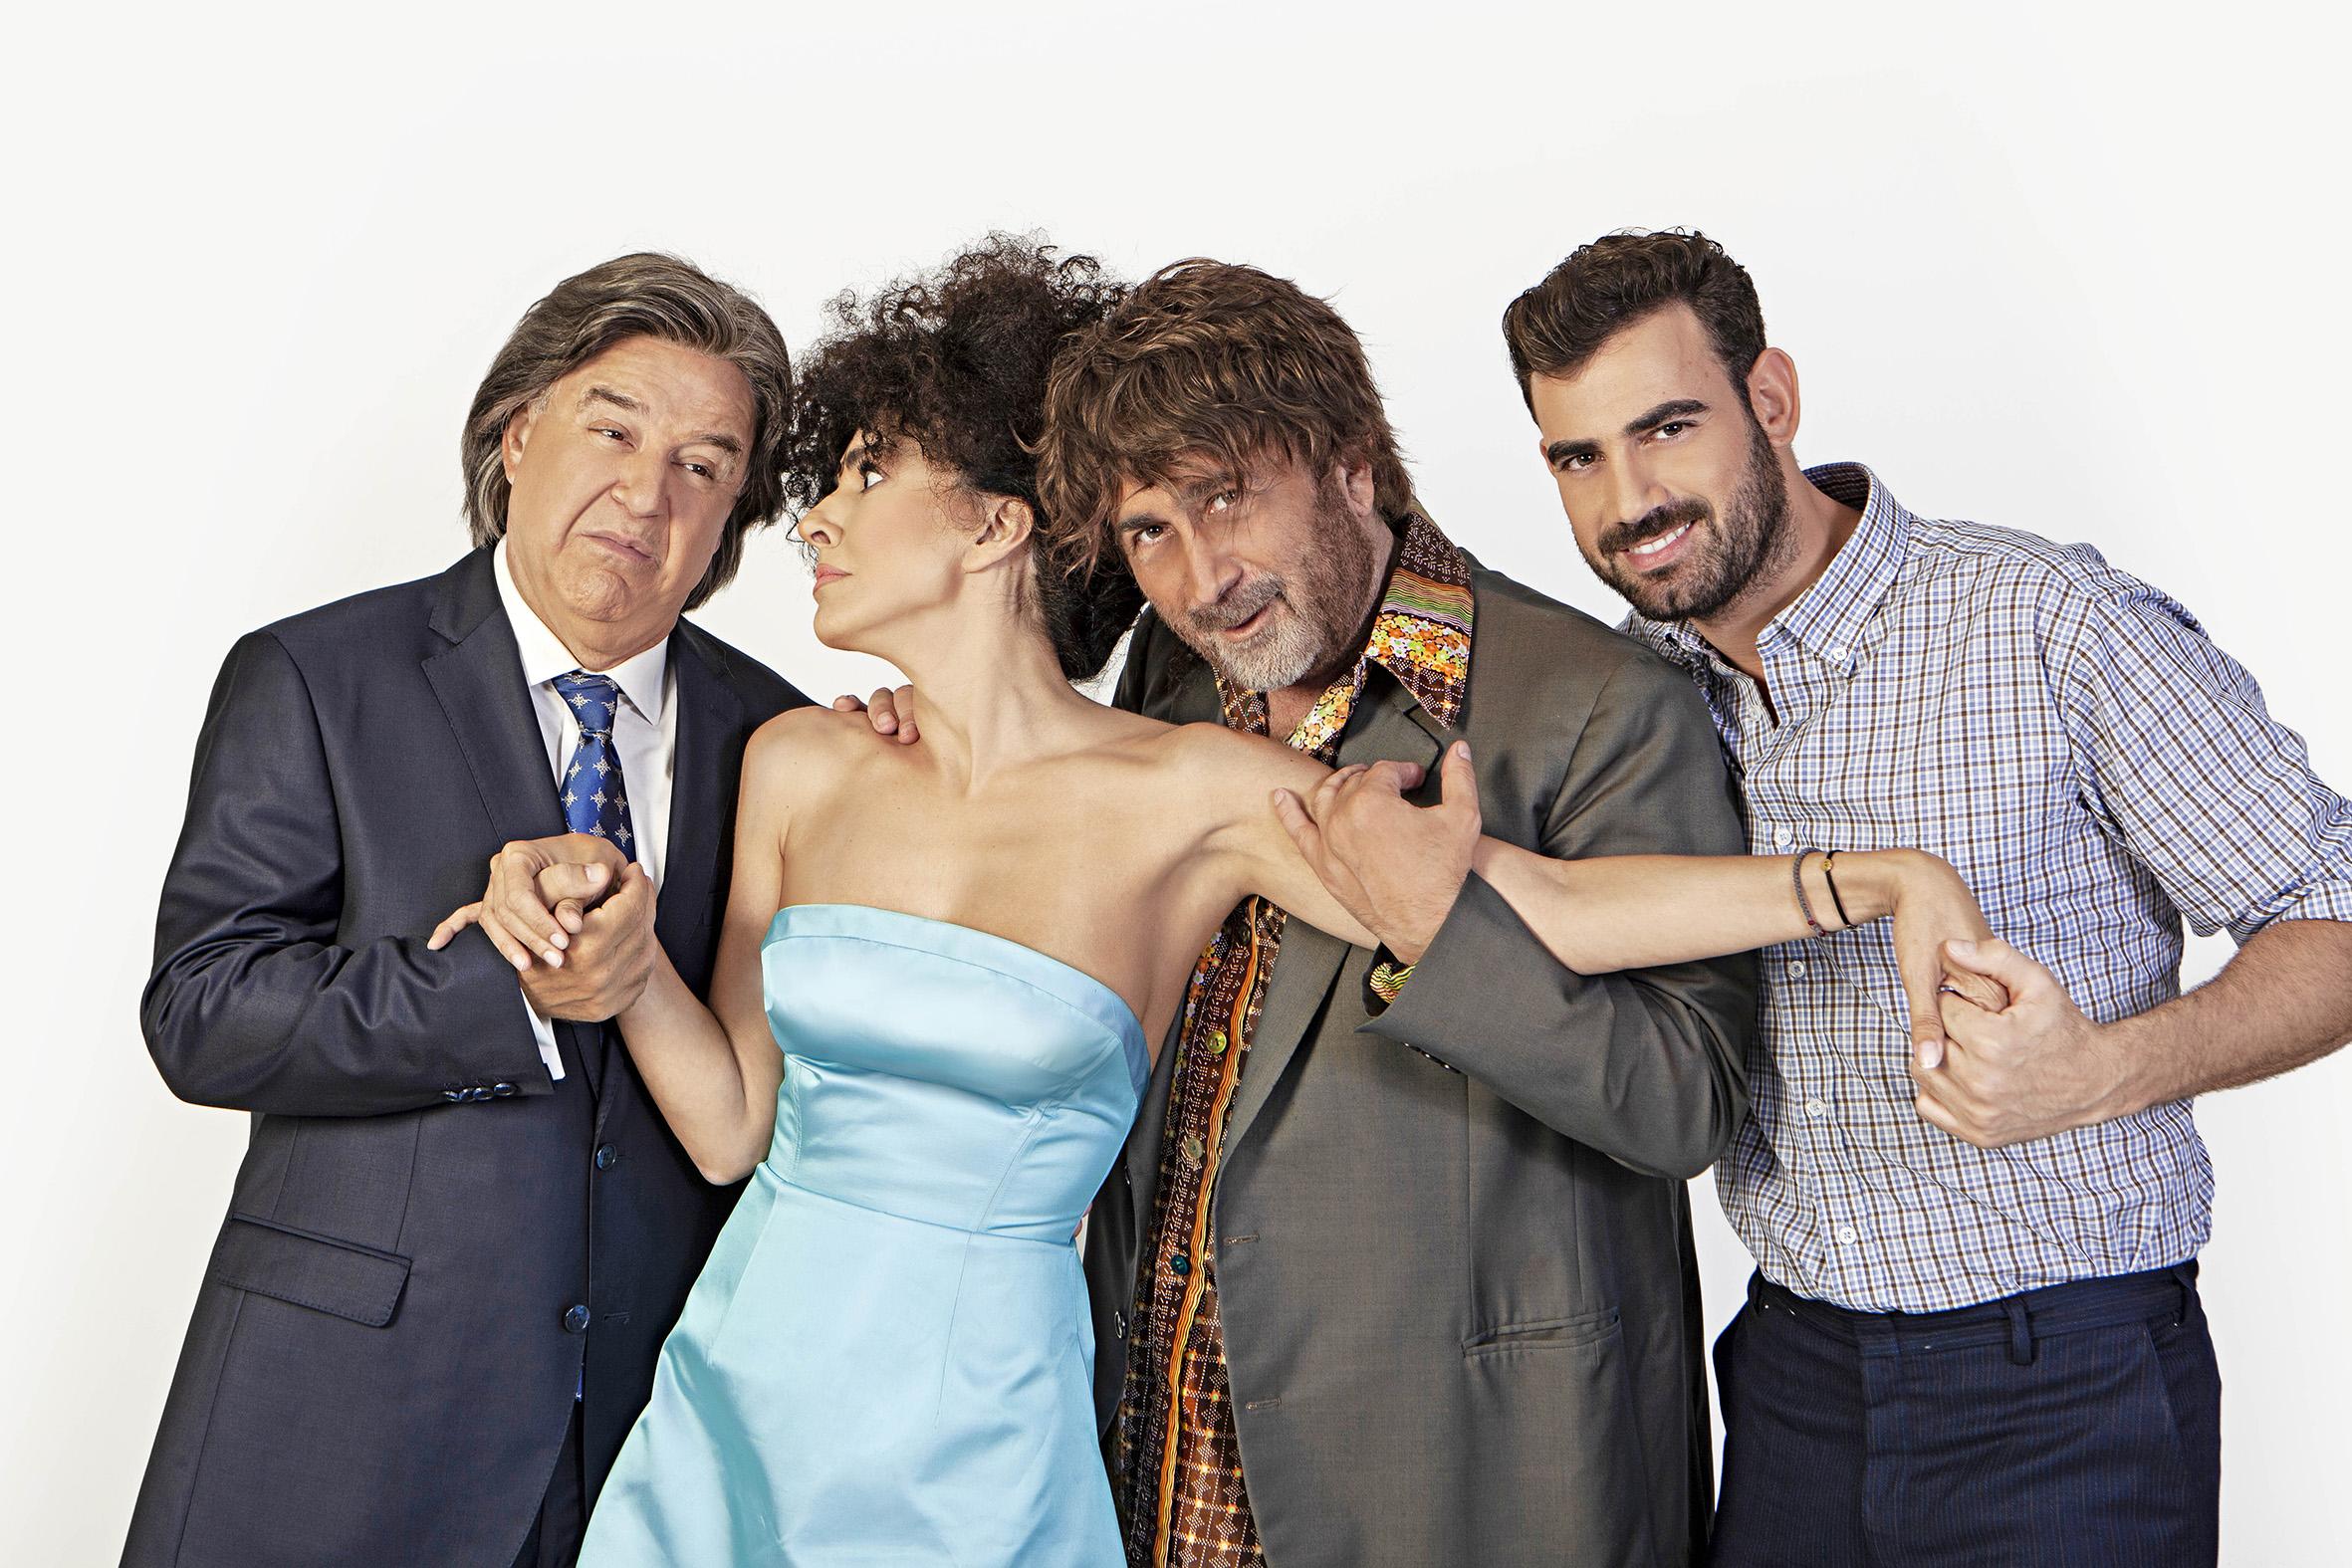 Ο Λάκης Λαζόπουλος και η παρέα του μας λένε «Βρε Καλώς Τους» στο Θέατρο Βρετάνια